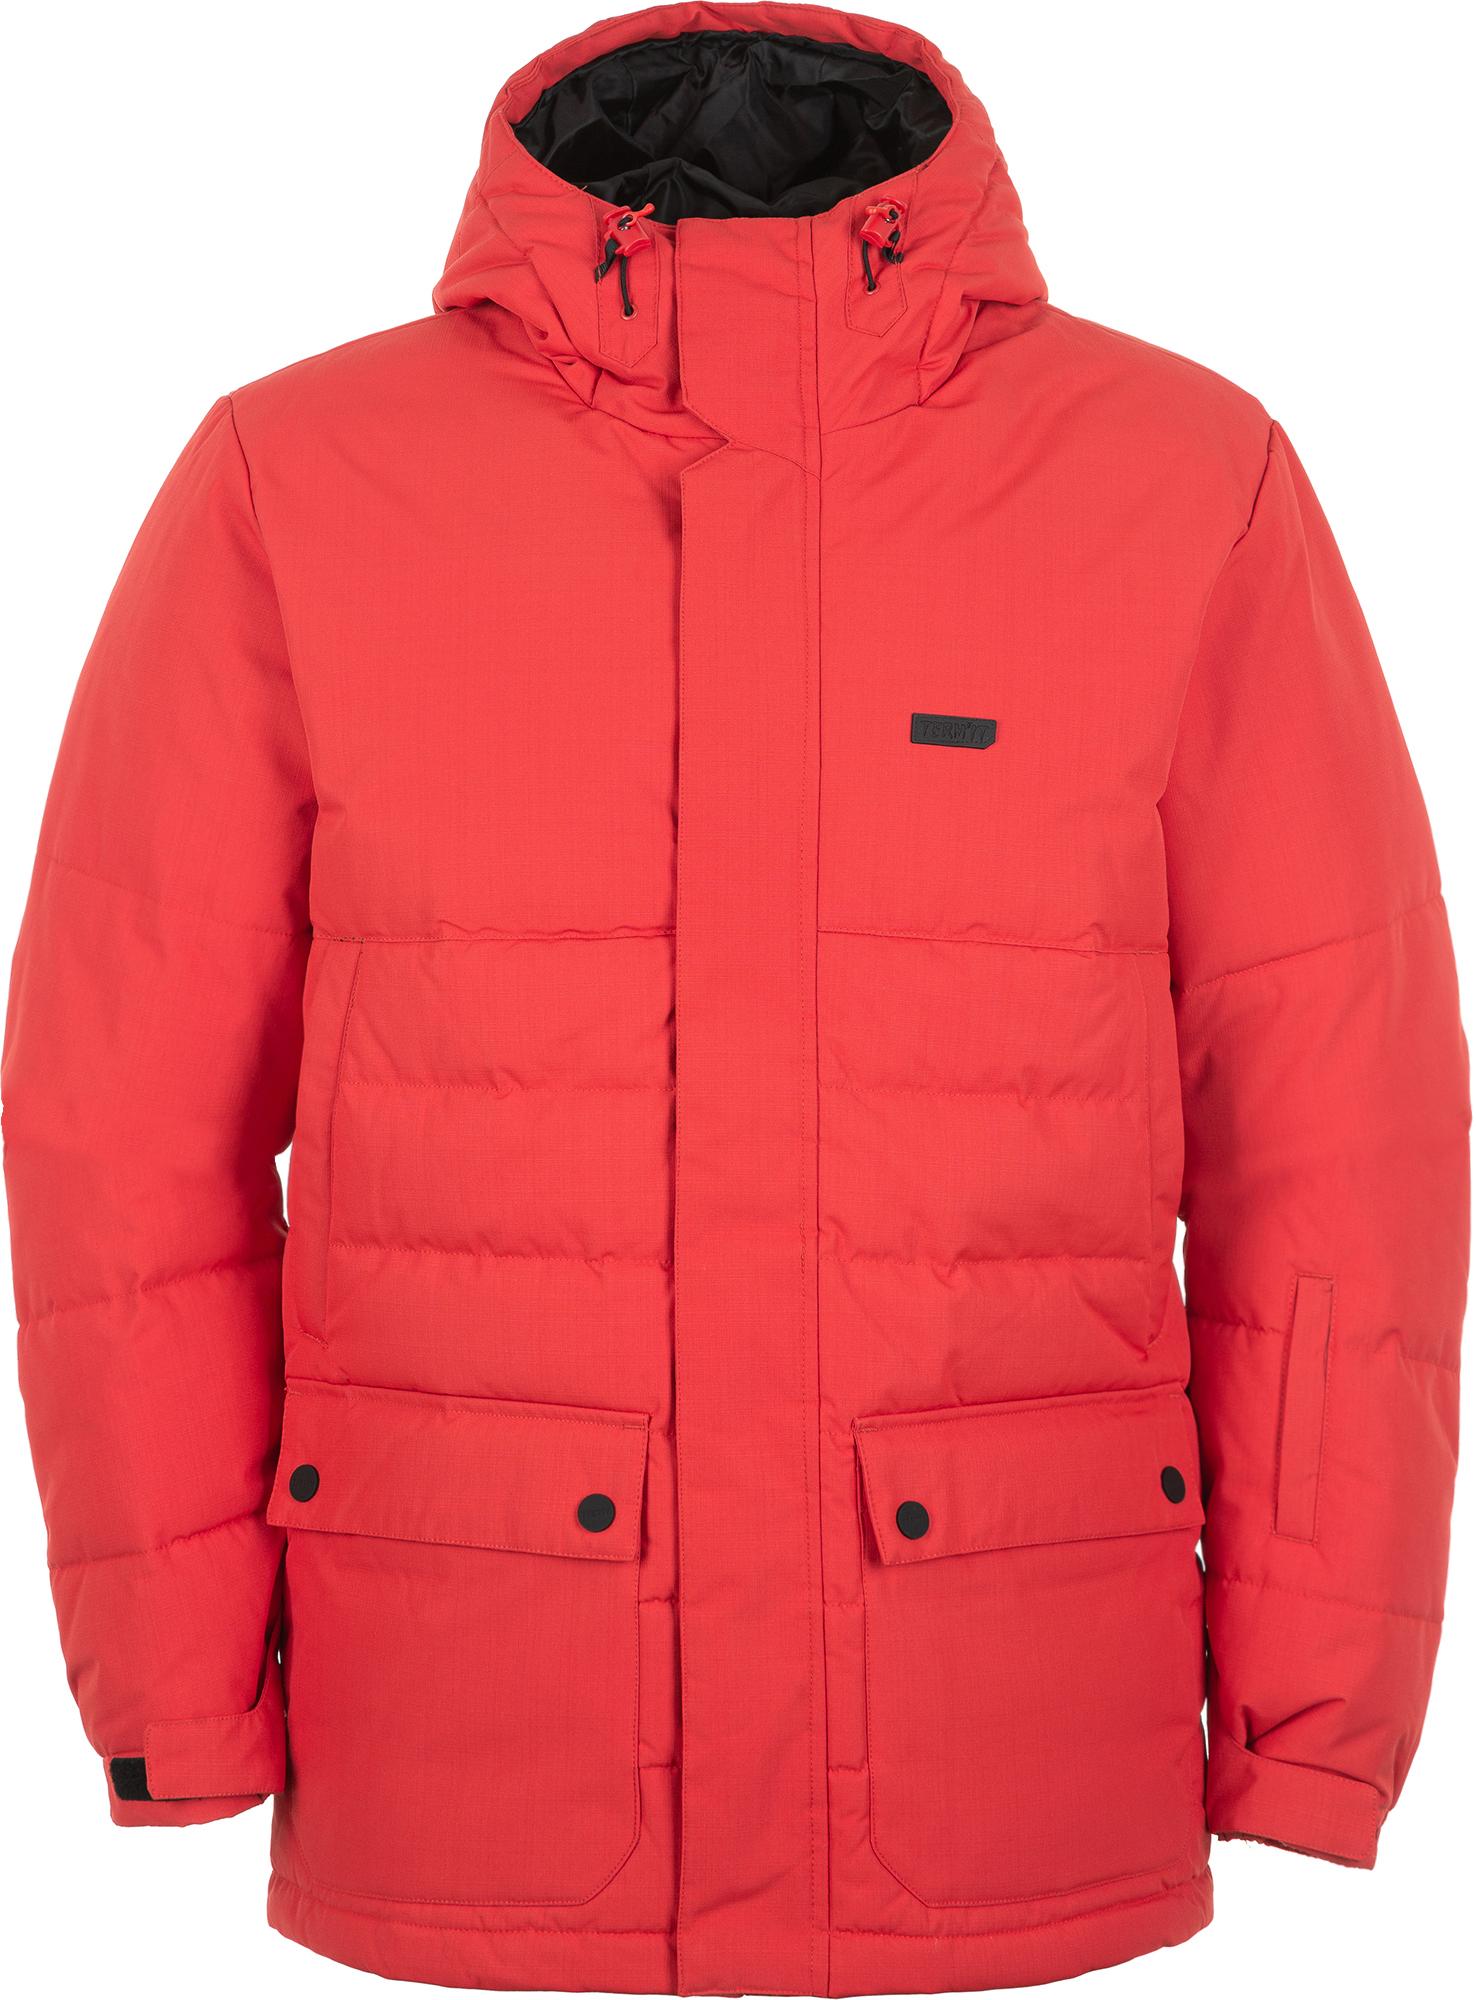 Termit Куртка пуховая мужская Termit, размер 48